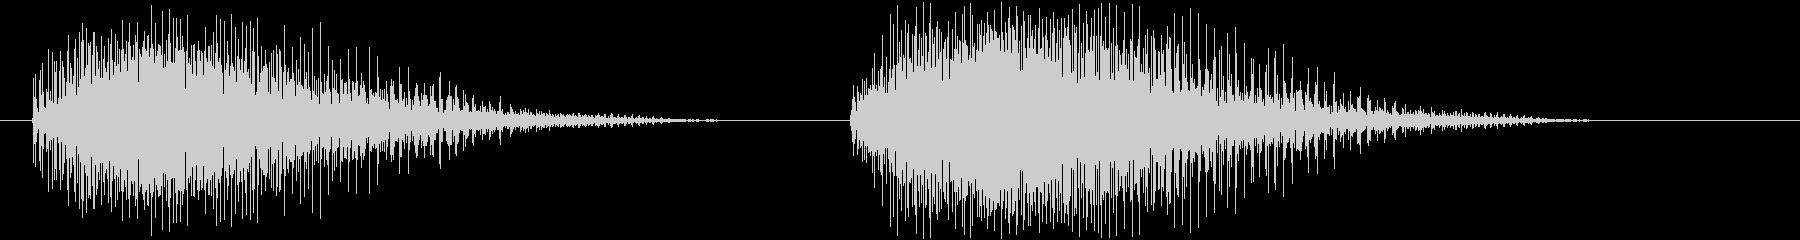 カァカァ!(カラスの鳴き声)擬音2発の未再生の波形